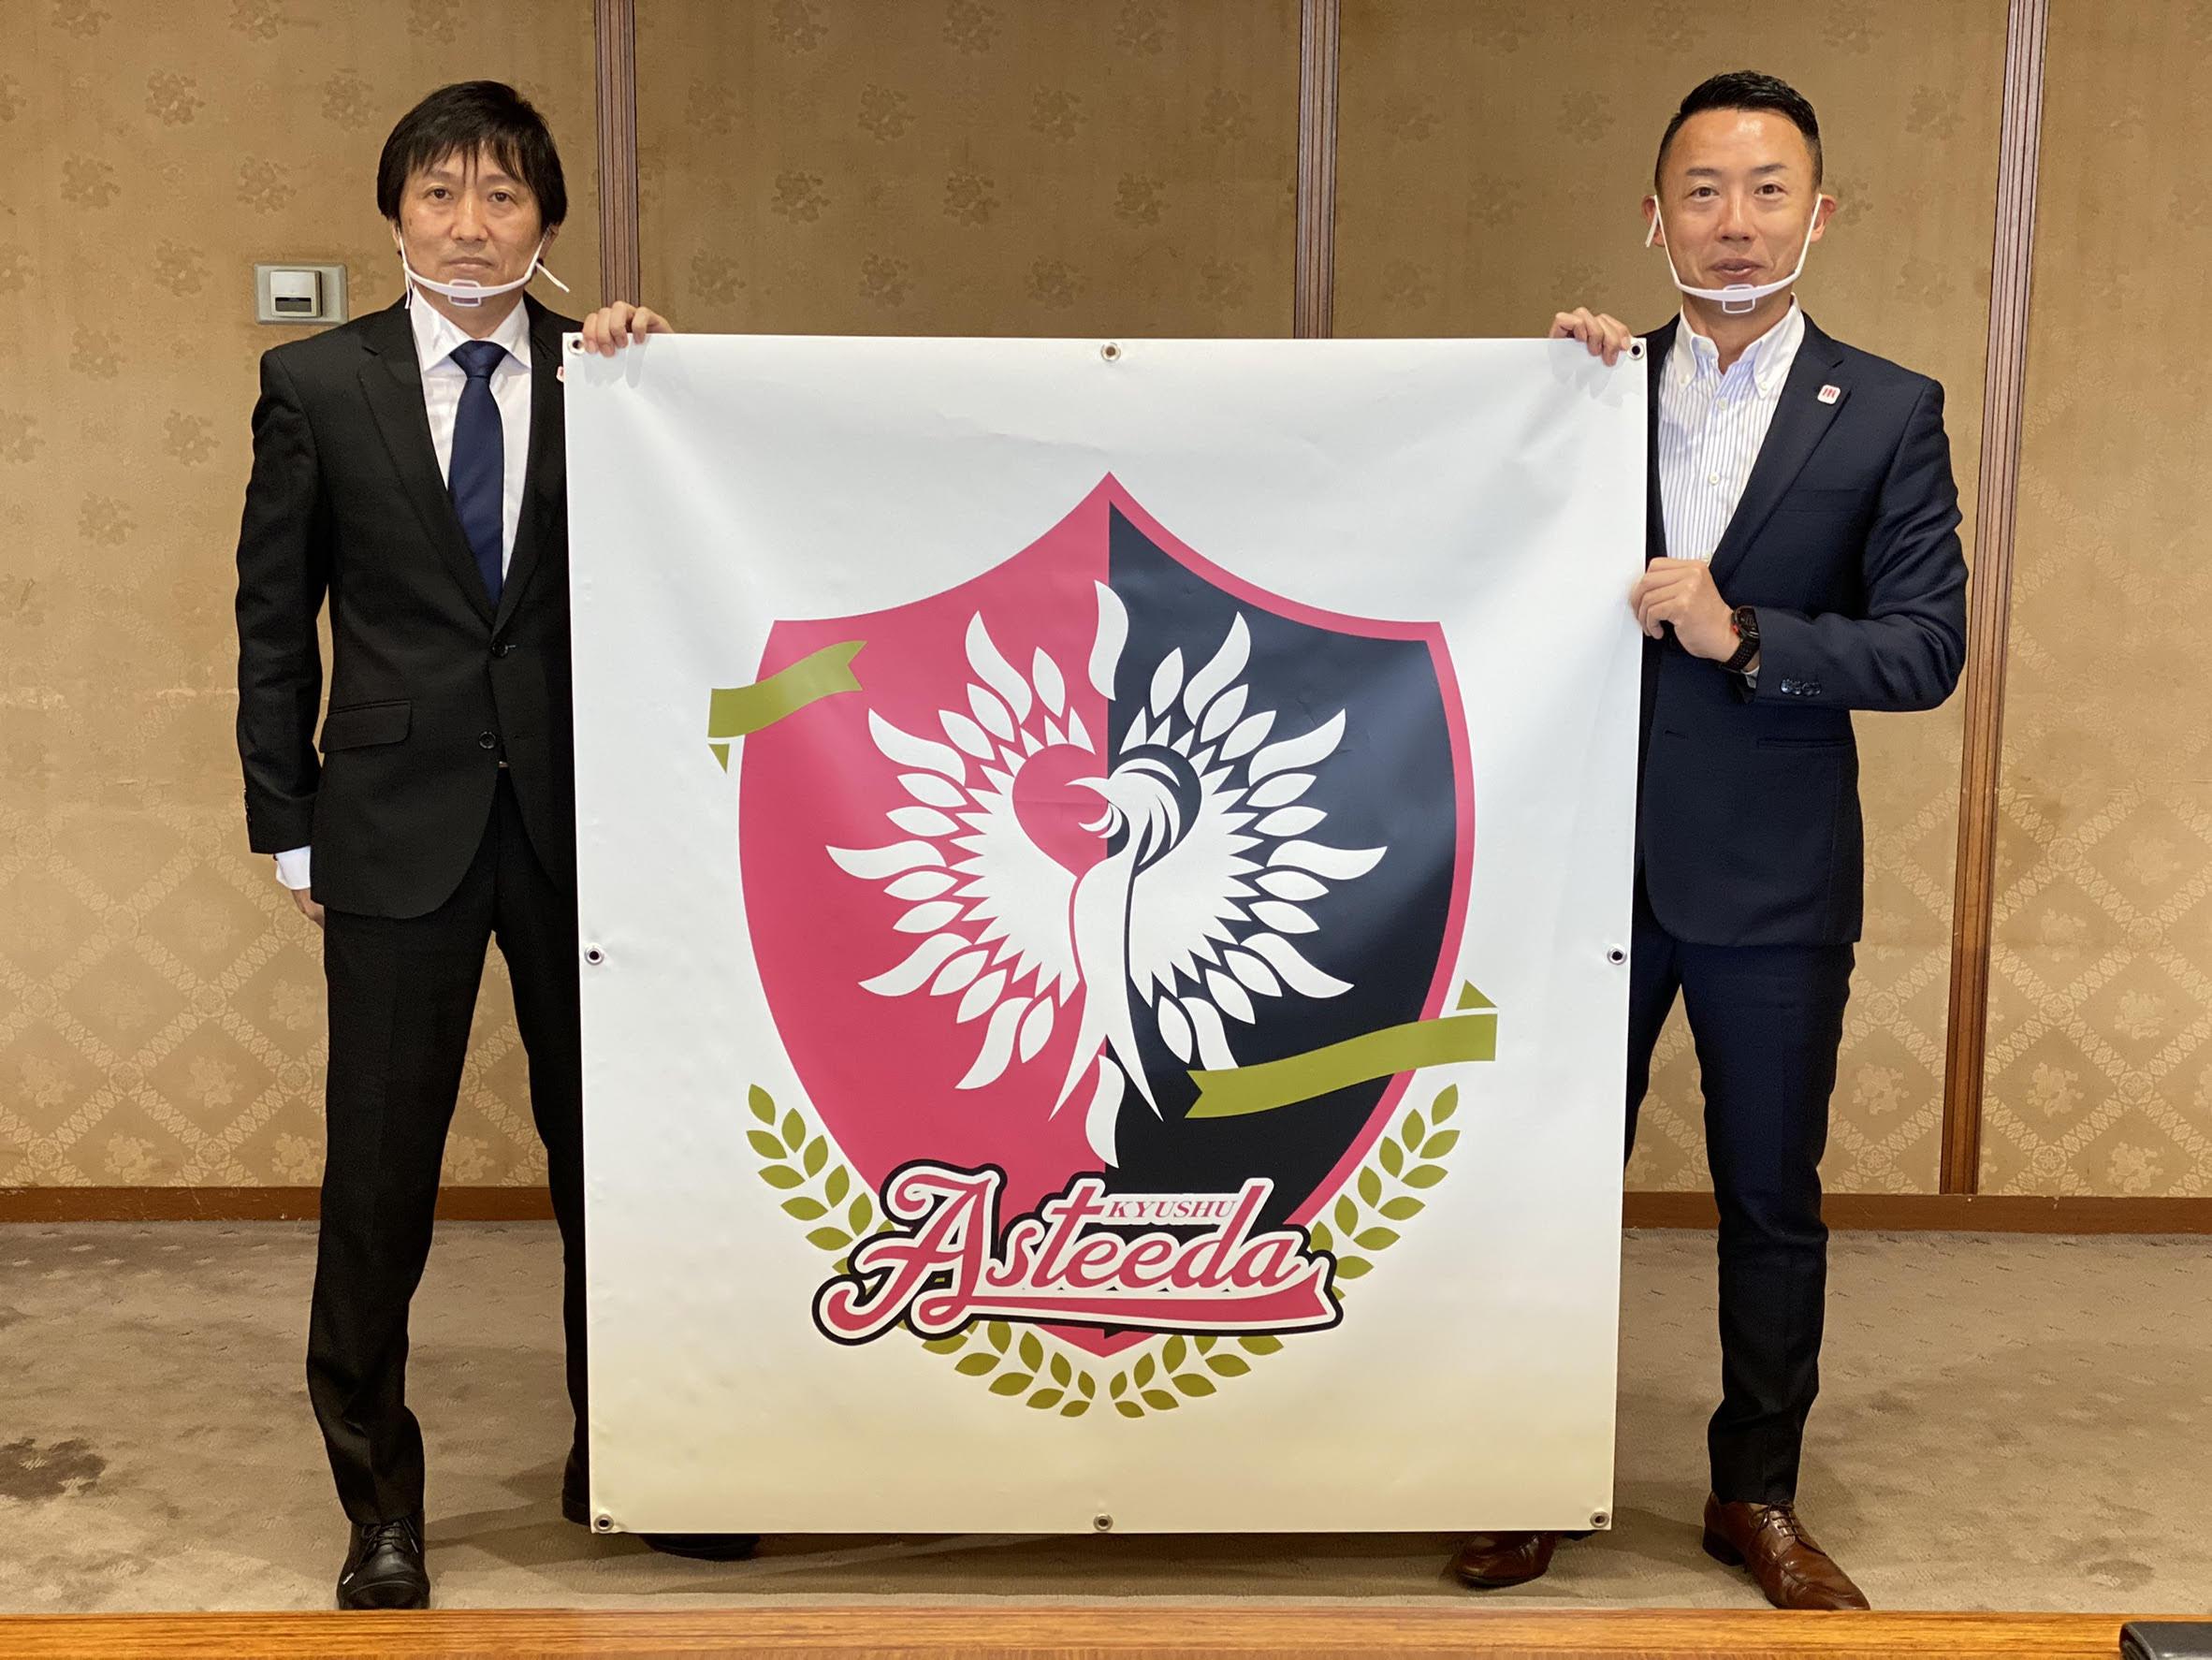 卓球のTリーグ ノジマTリーグ 2021-2022シーズン・女子  九州アスティーダ 新規参戦